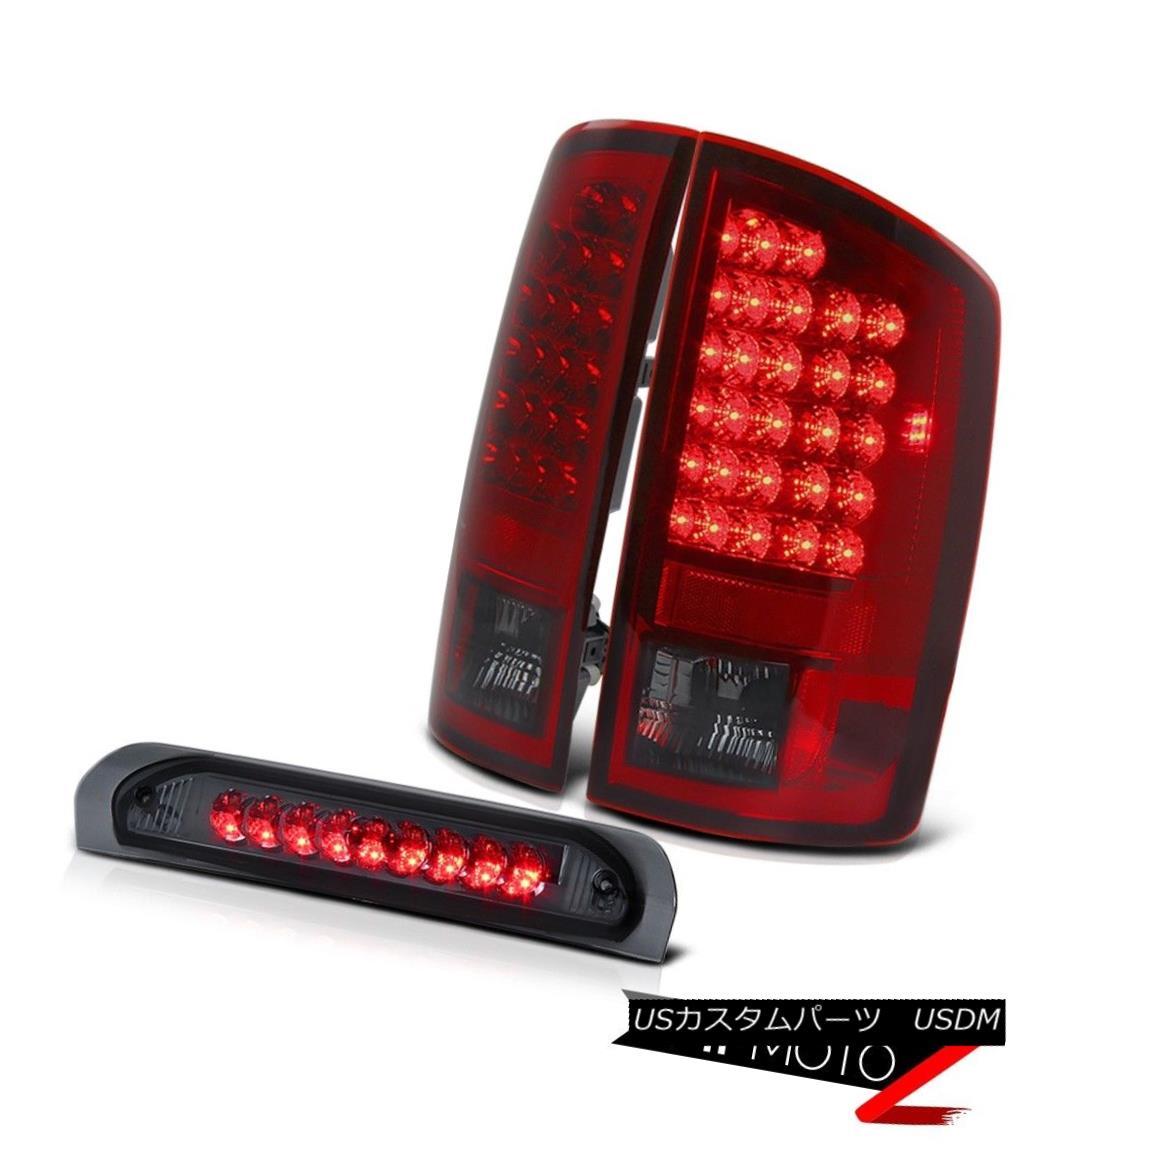 テールライト Dodge Ram 02-2005 1500/2500/3500 SMOKEY Cherry Red Tail Light+Led 3rd Brake Lamp ドッジラム02-2005 1500/2500/3500 SMOKEYチェリーレッドテールライト+第3ブレーキランプ